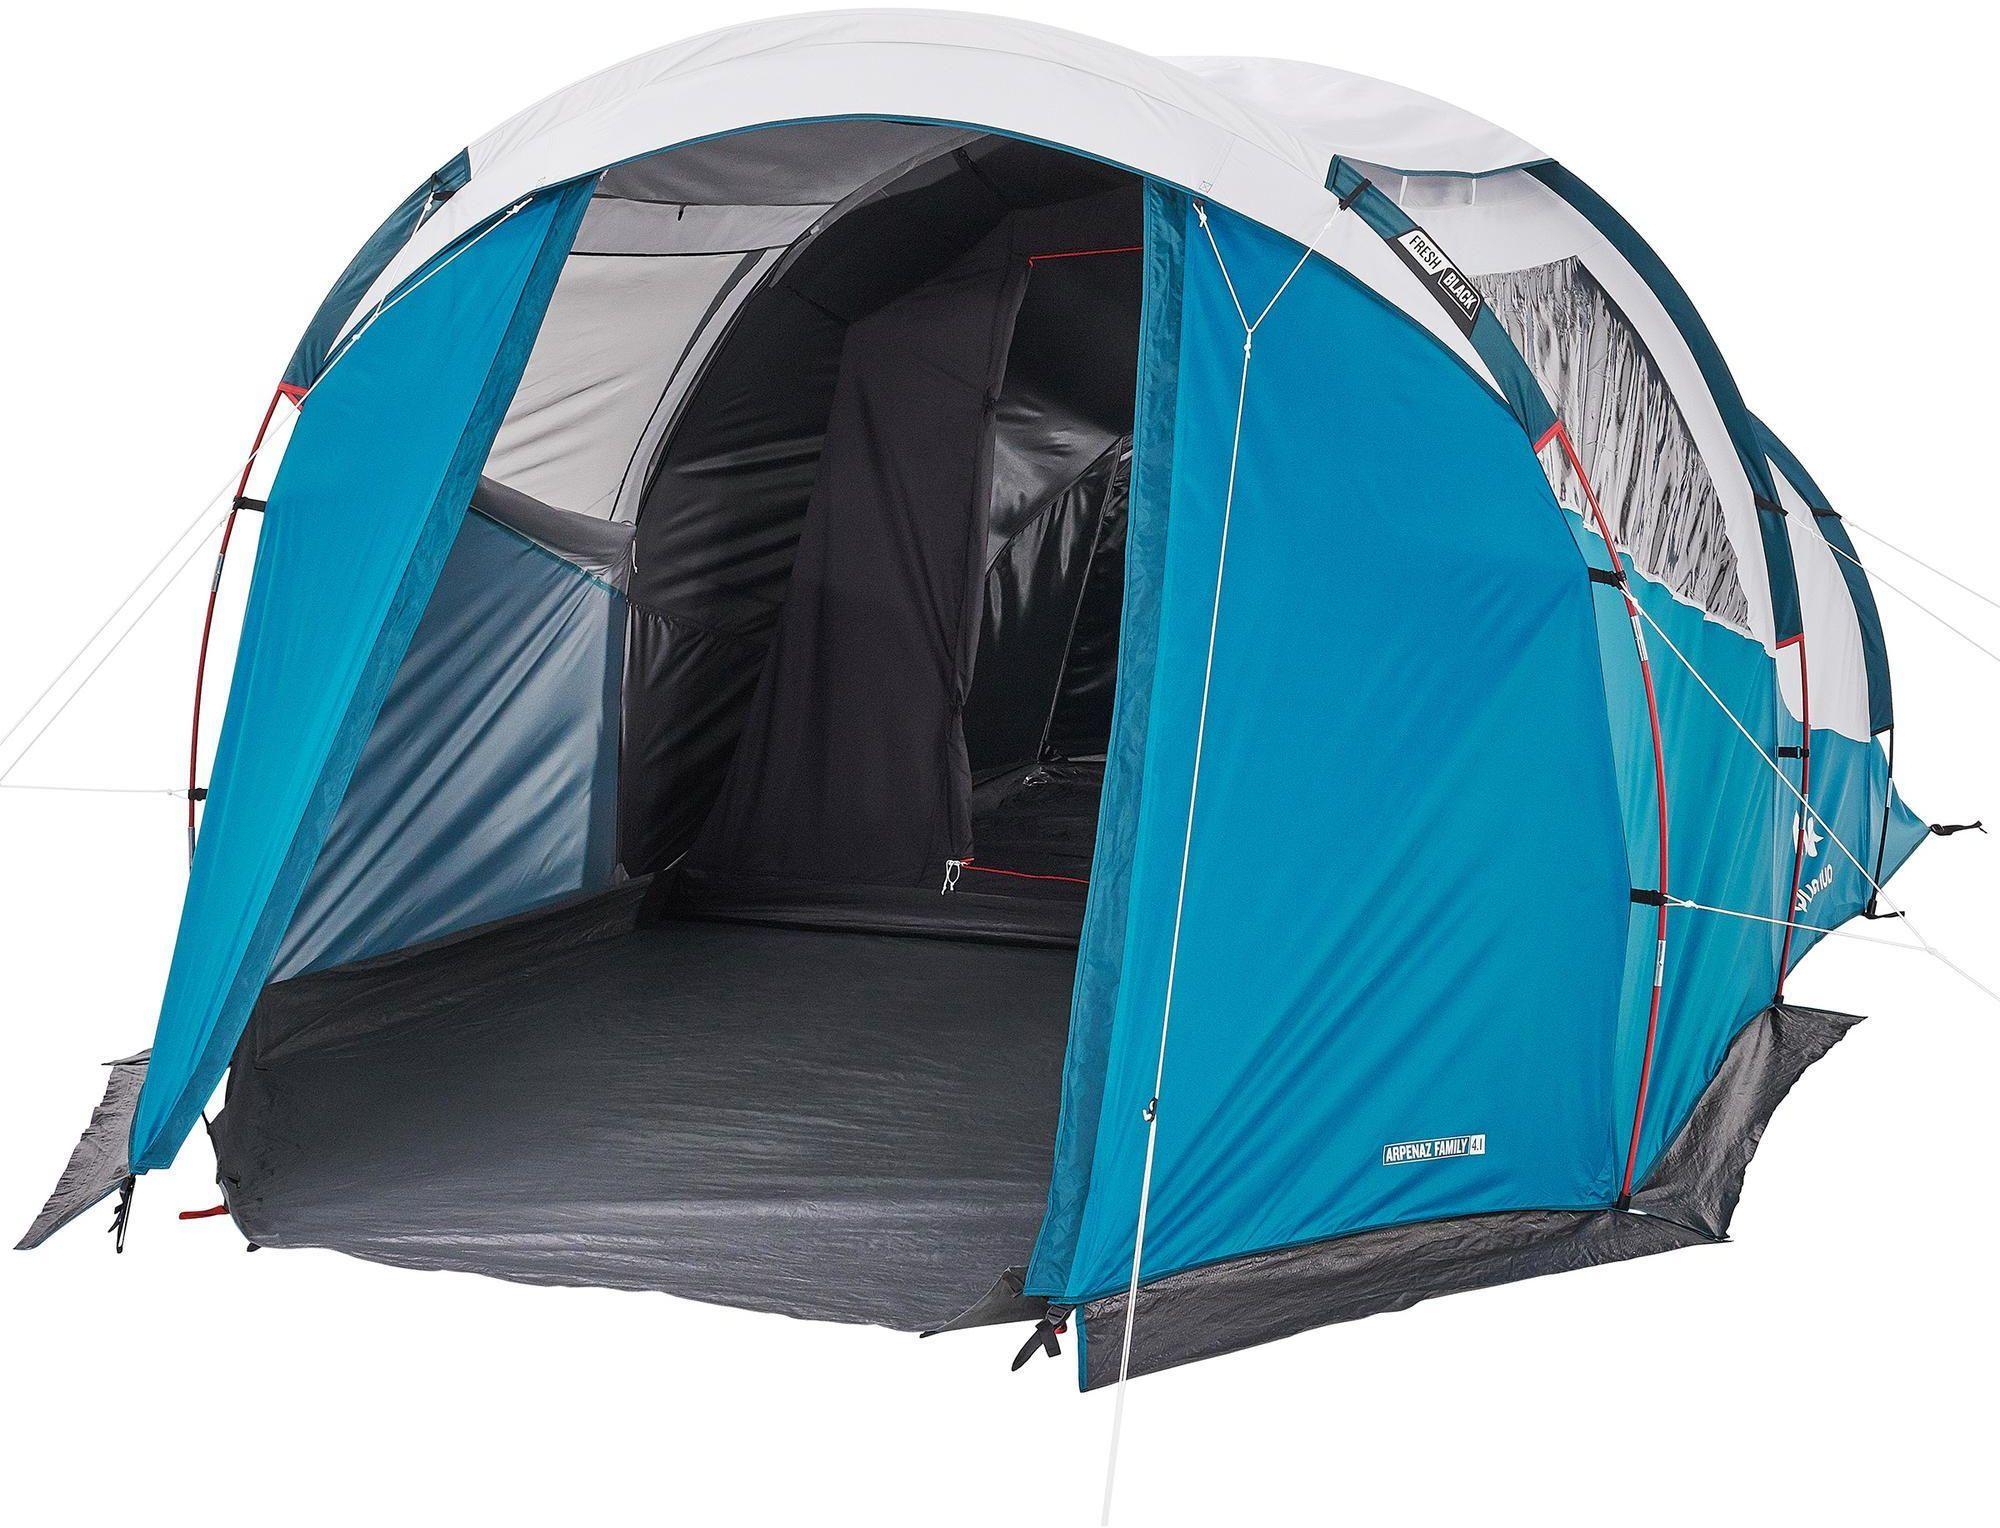 Namiot kempingowy Arpenaz 4.1 F&B 4-osobowy, 1 sypialnia